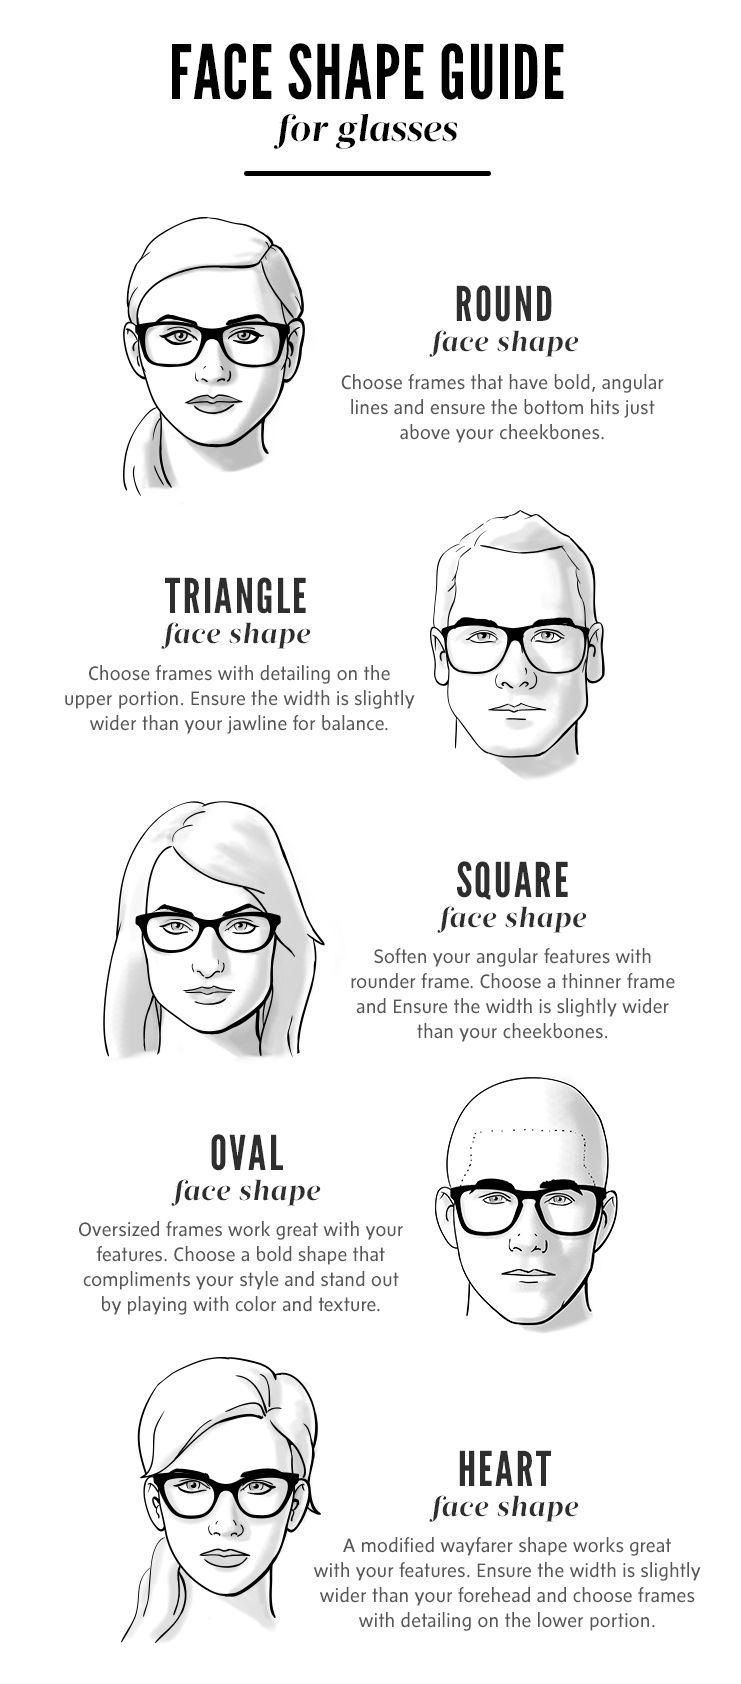 Glasses Face Shape Guide Glasses For Face Shape Face Shapes Guide Glasses For Your Face Shape